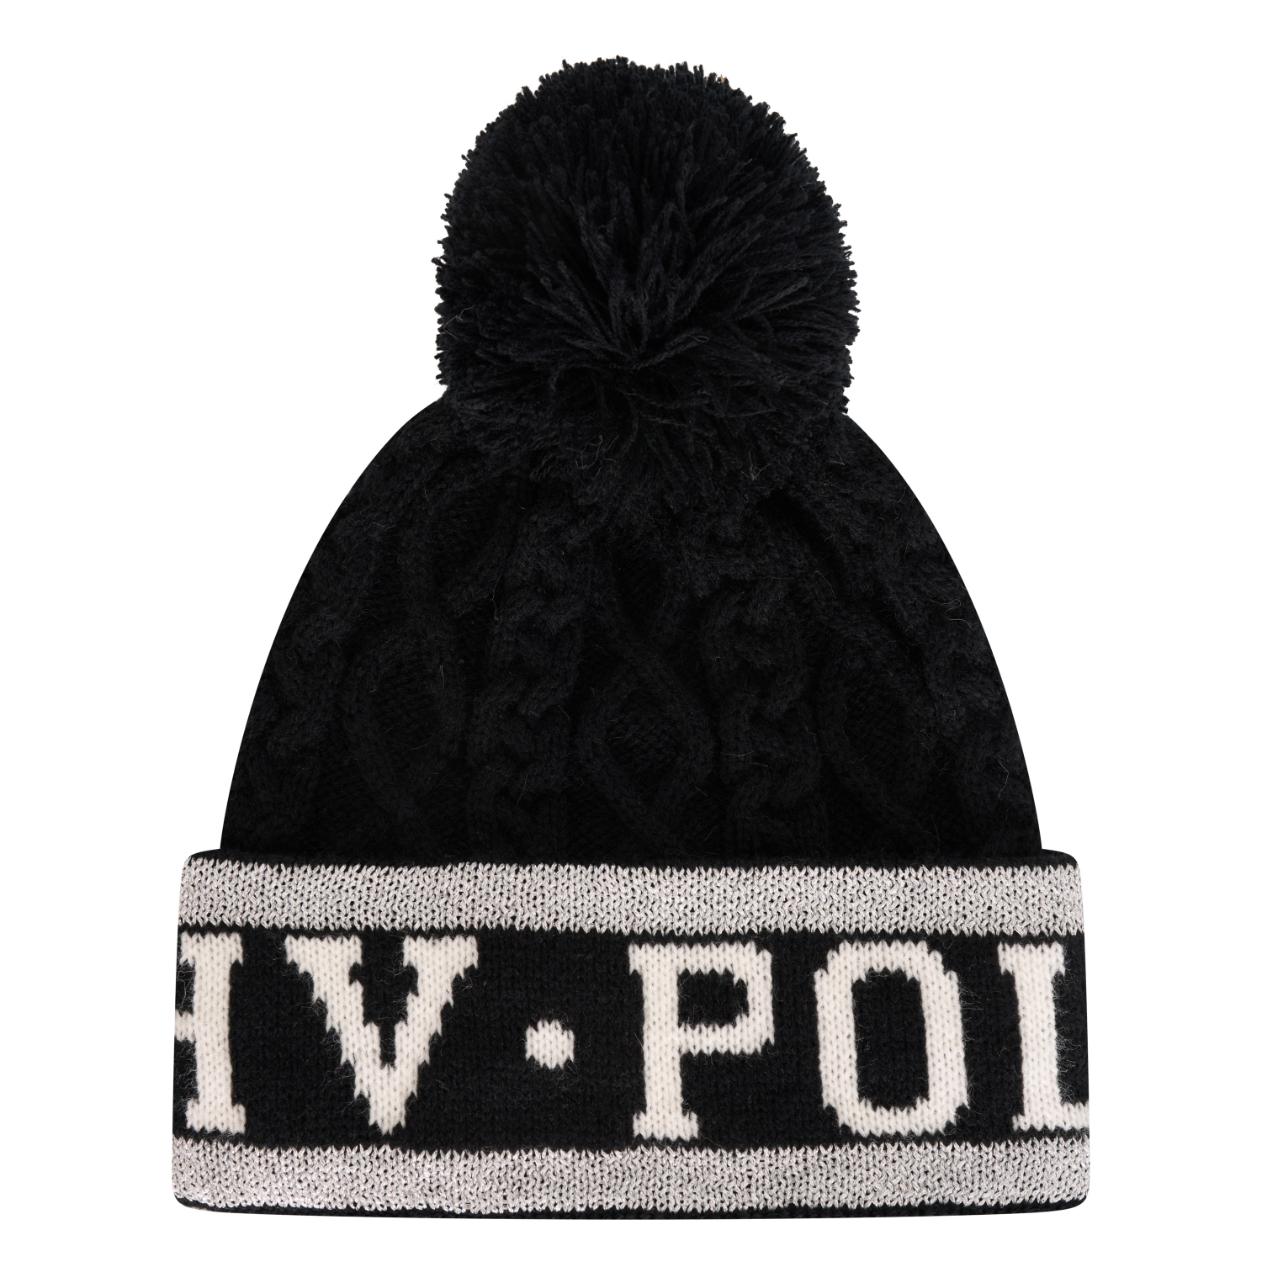 HV Polo Beanie HVP-HV POLO-Knit